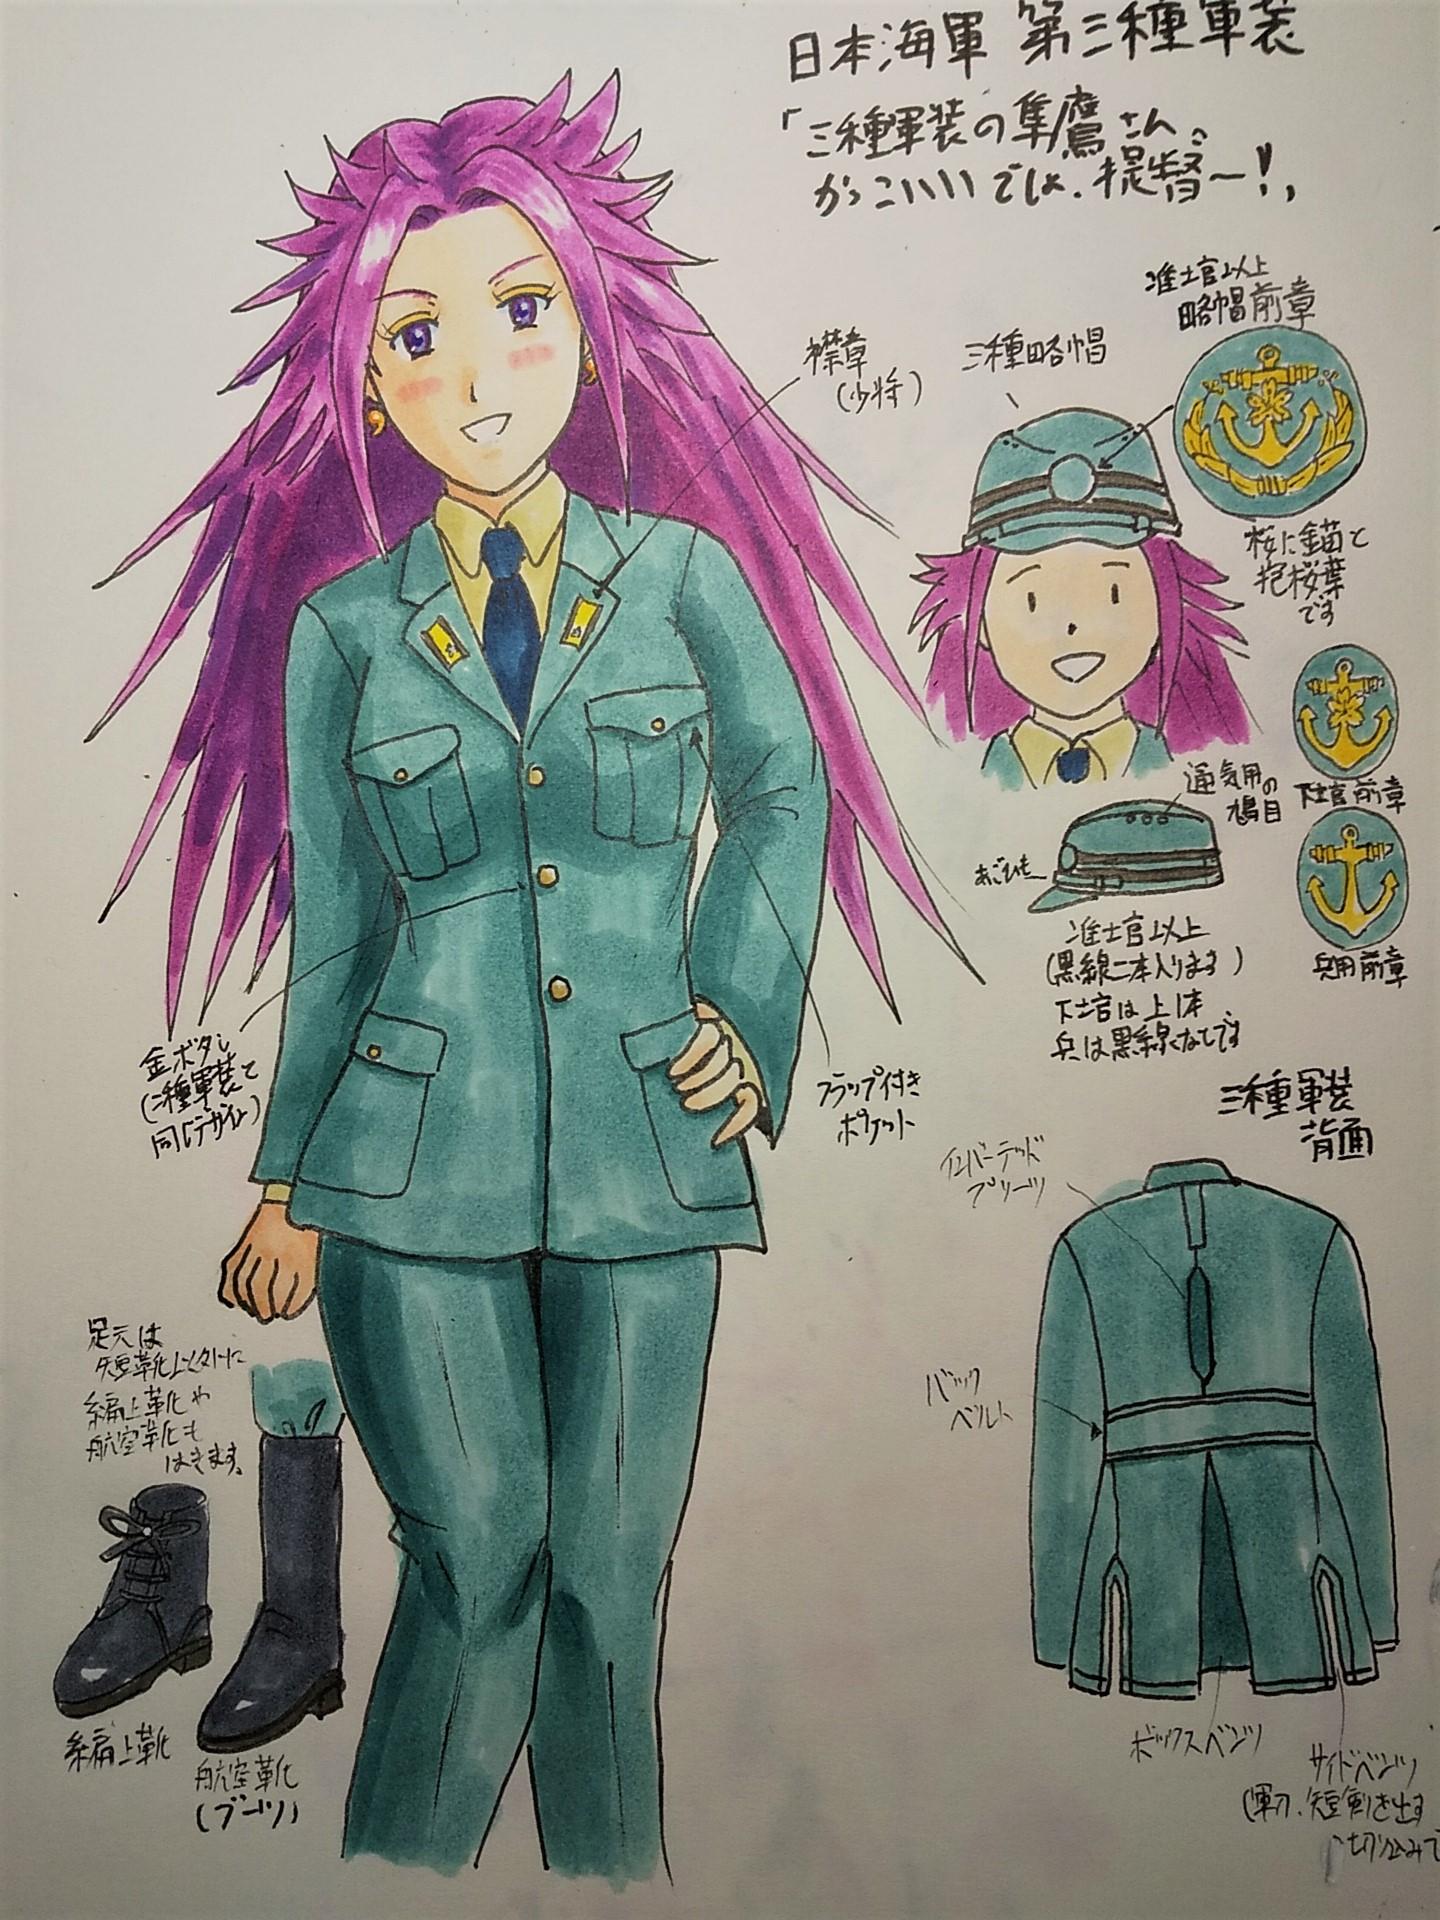 第三種軍装の隼鷹さん